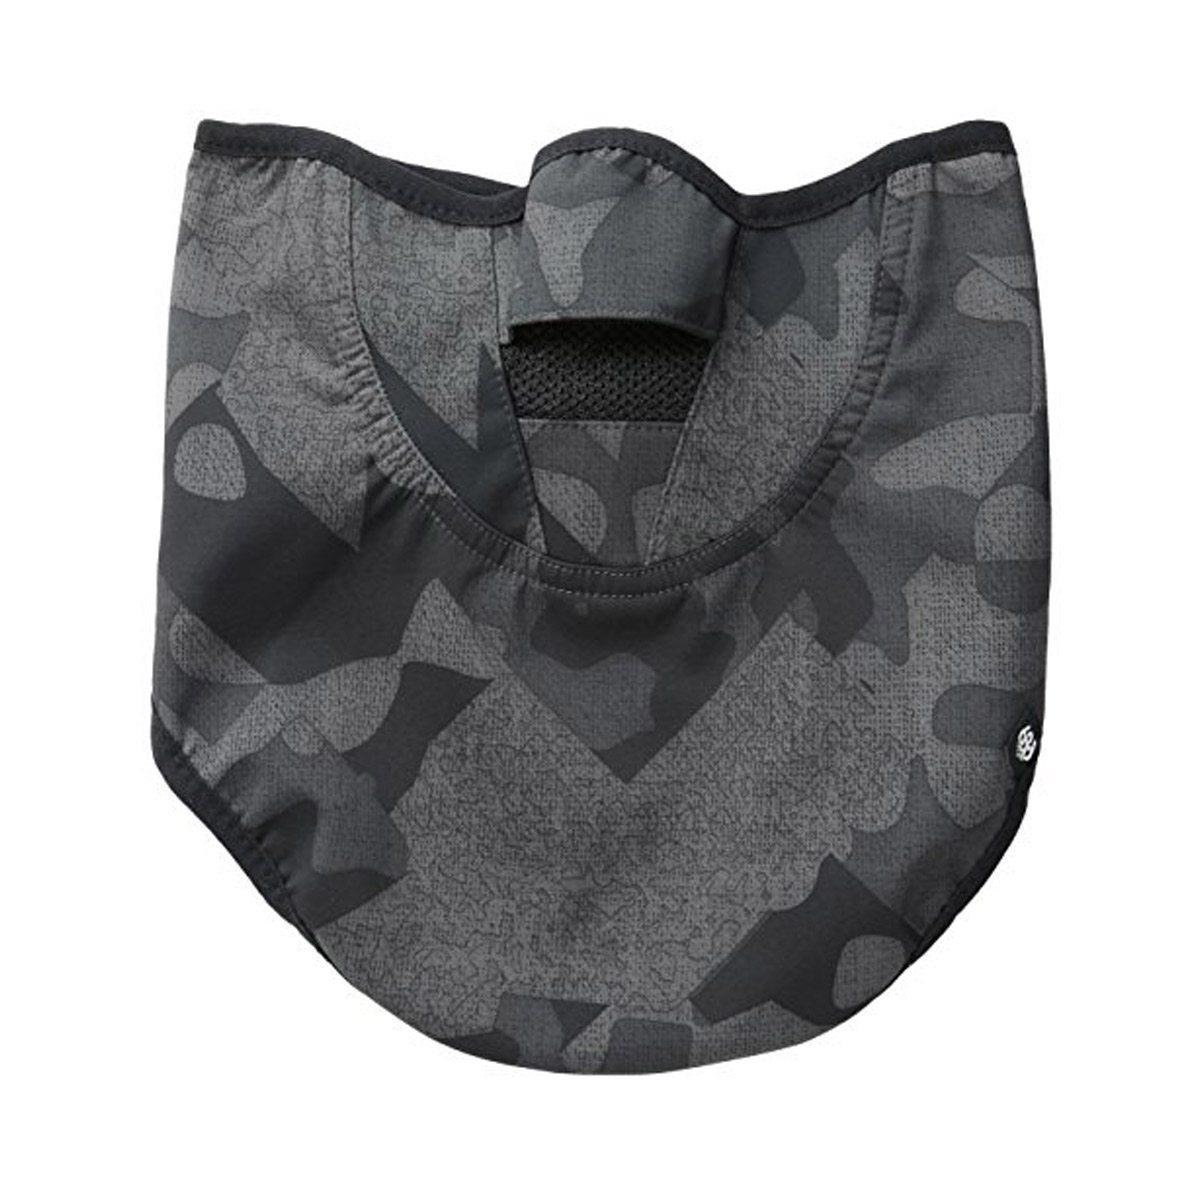 Балаклавы, шарфы, бафы 686 Strap Facemask Gunmetal Cubist Camo 2016